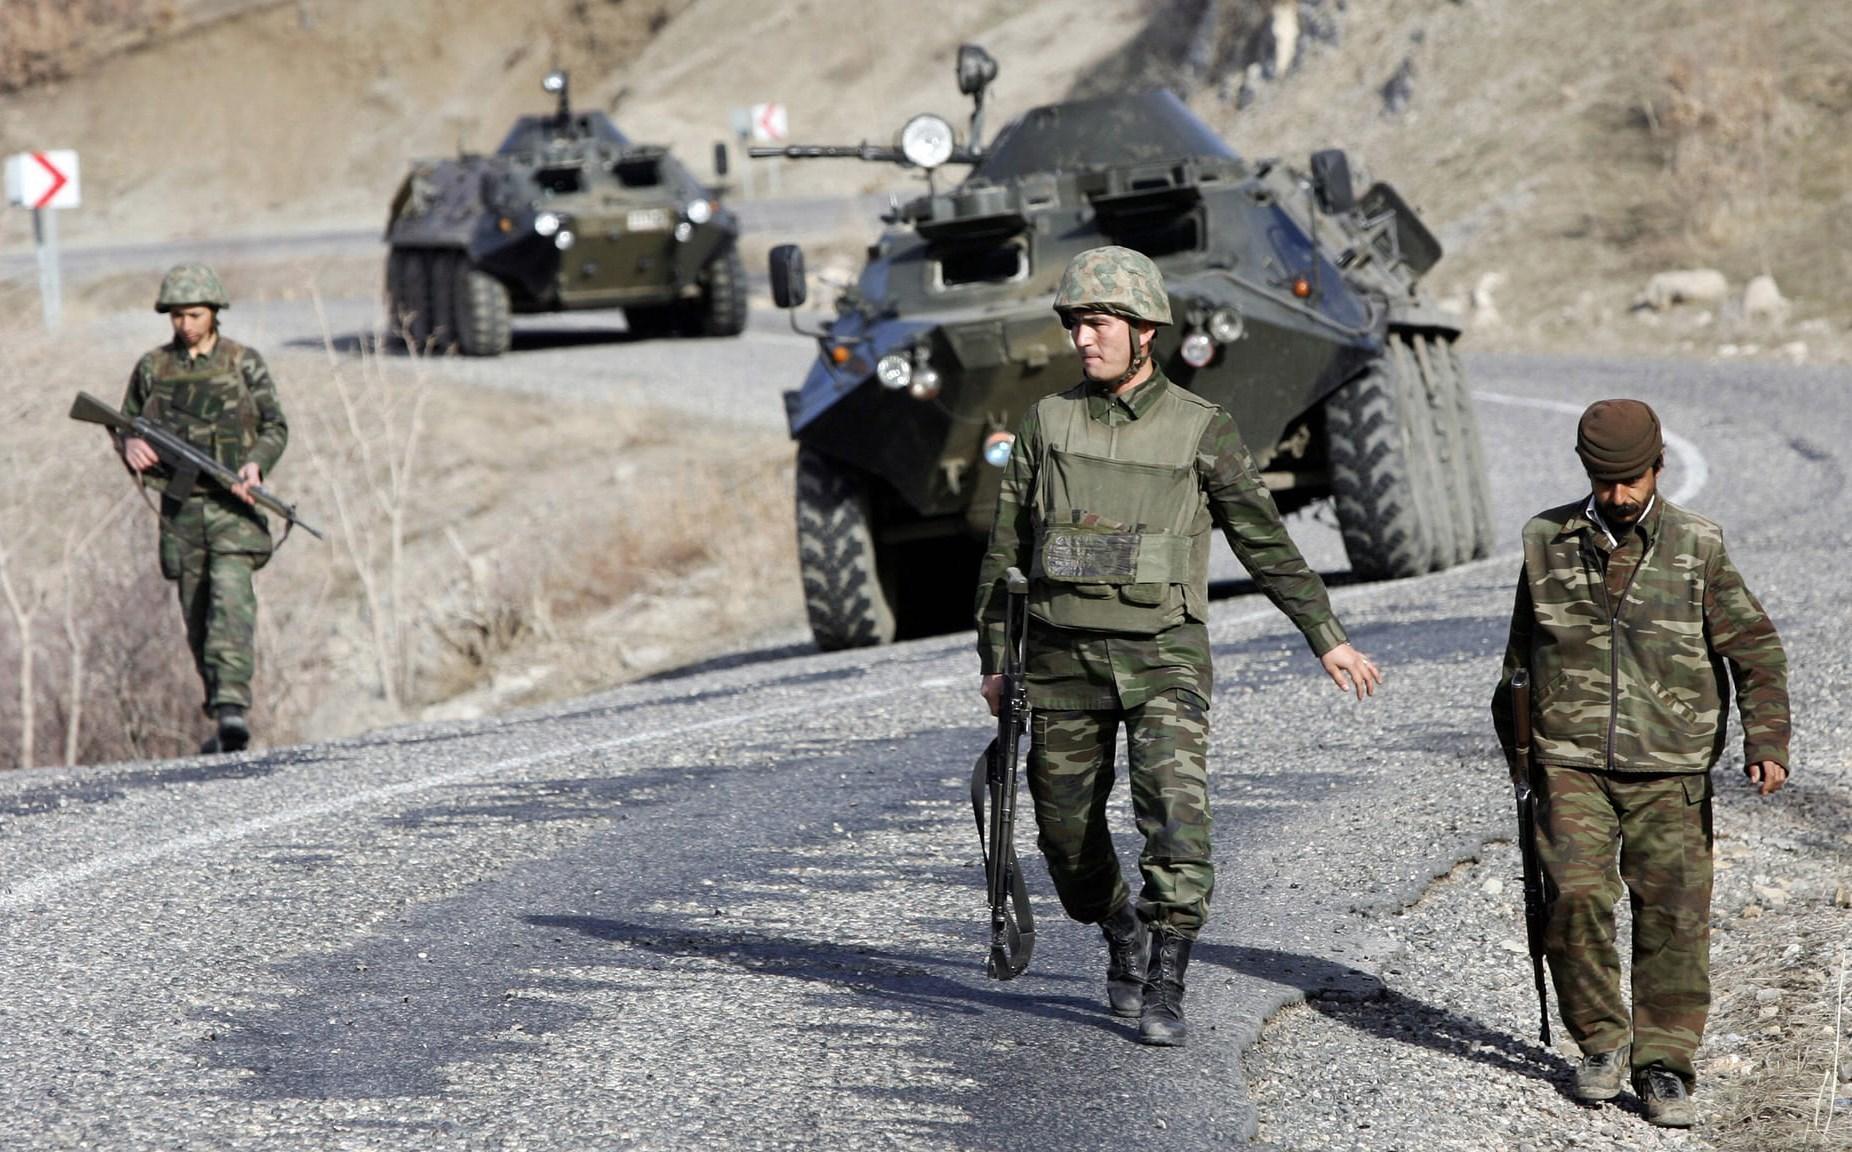 تساؤلات حول عدم مغادرة الولايات المتحدة الامريكية من سوريا